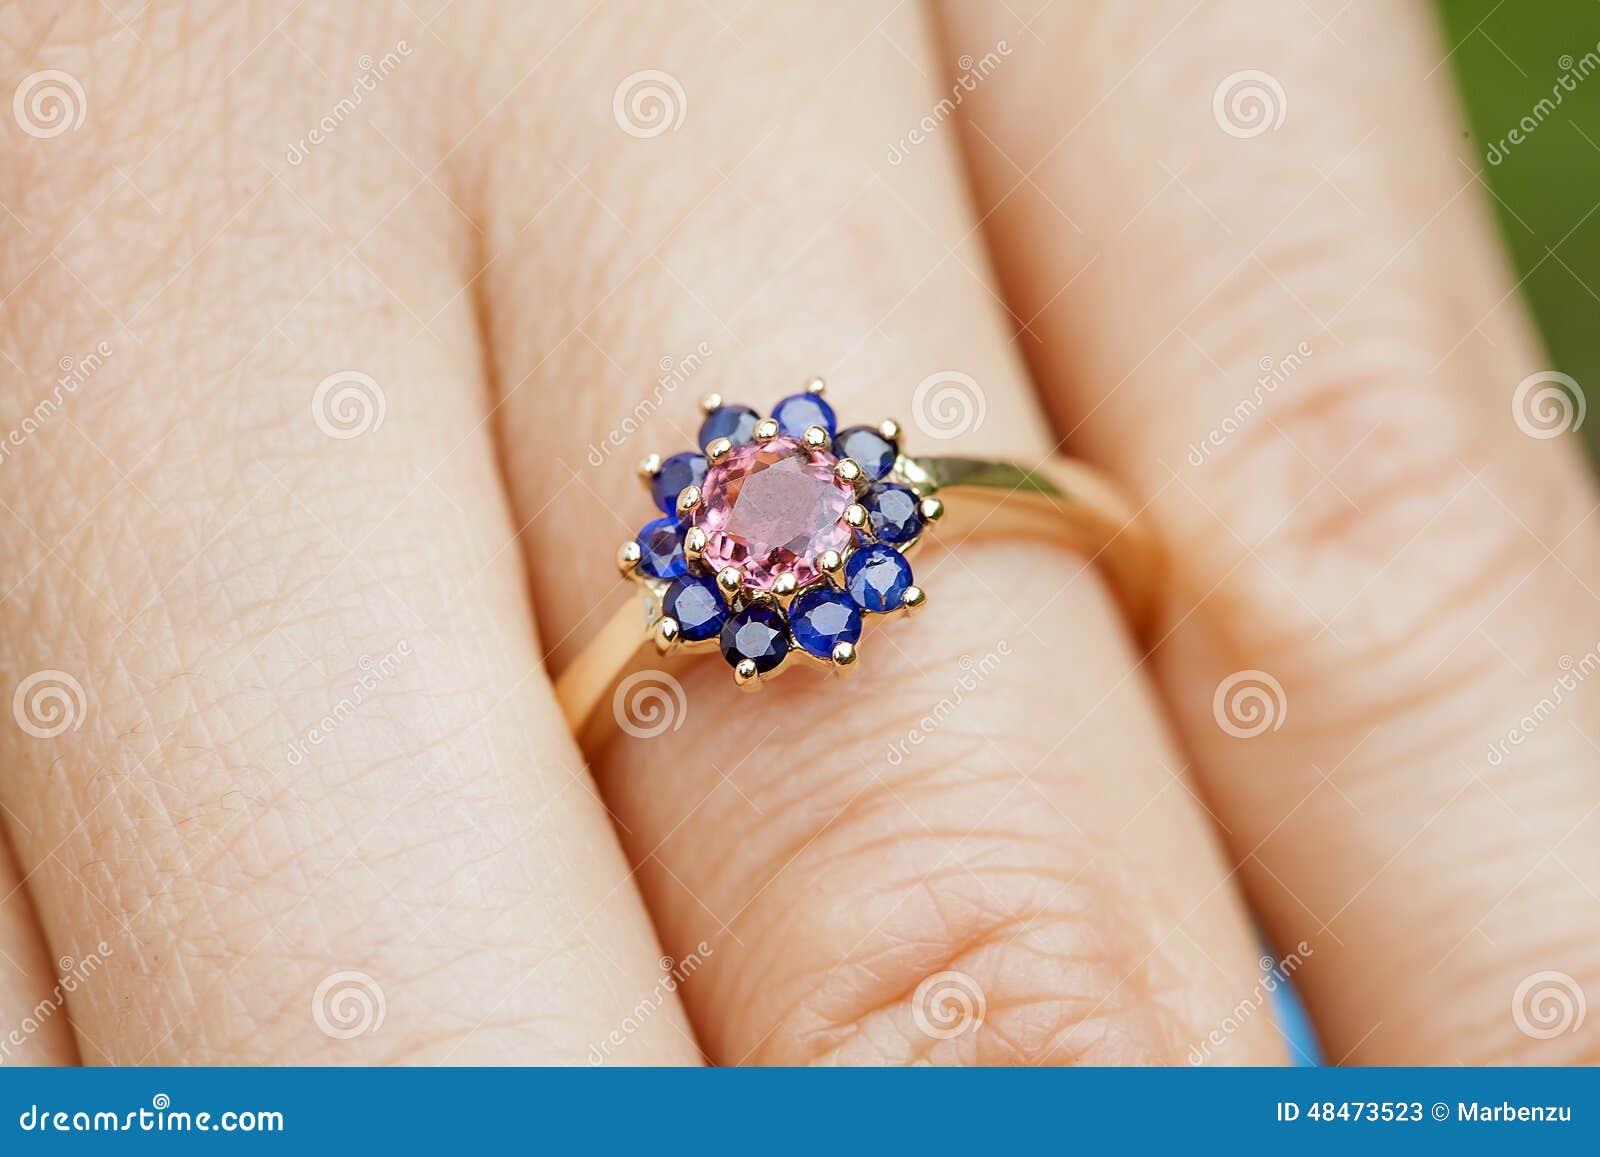 Engagement Ring Stock Photo Image 48473523